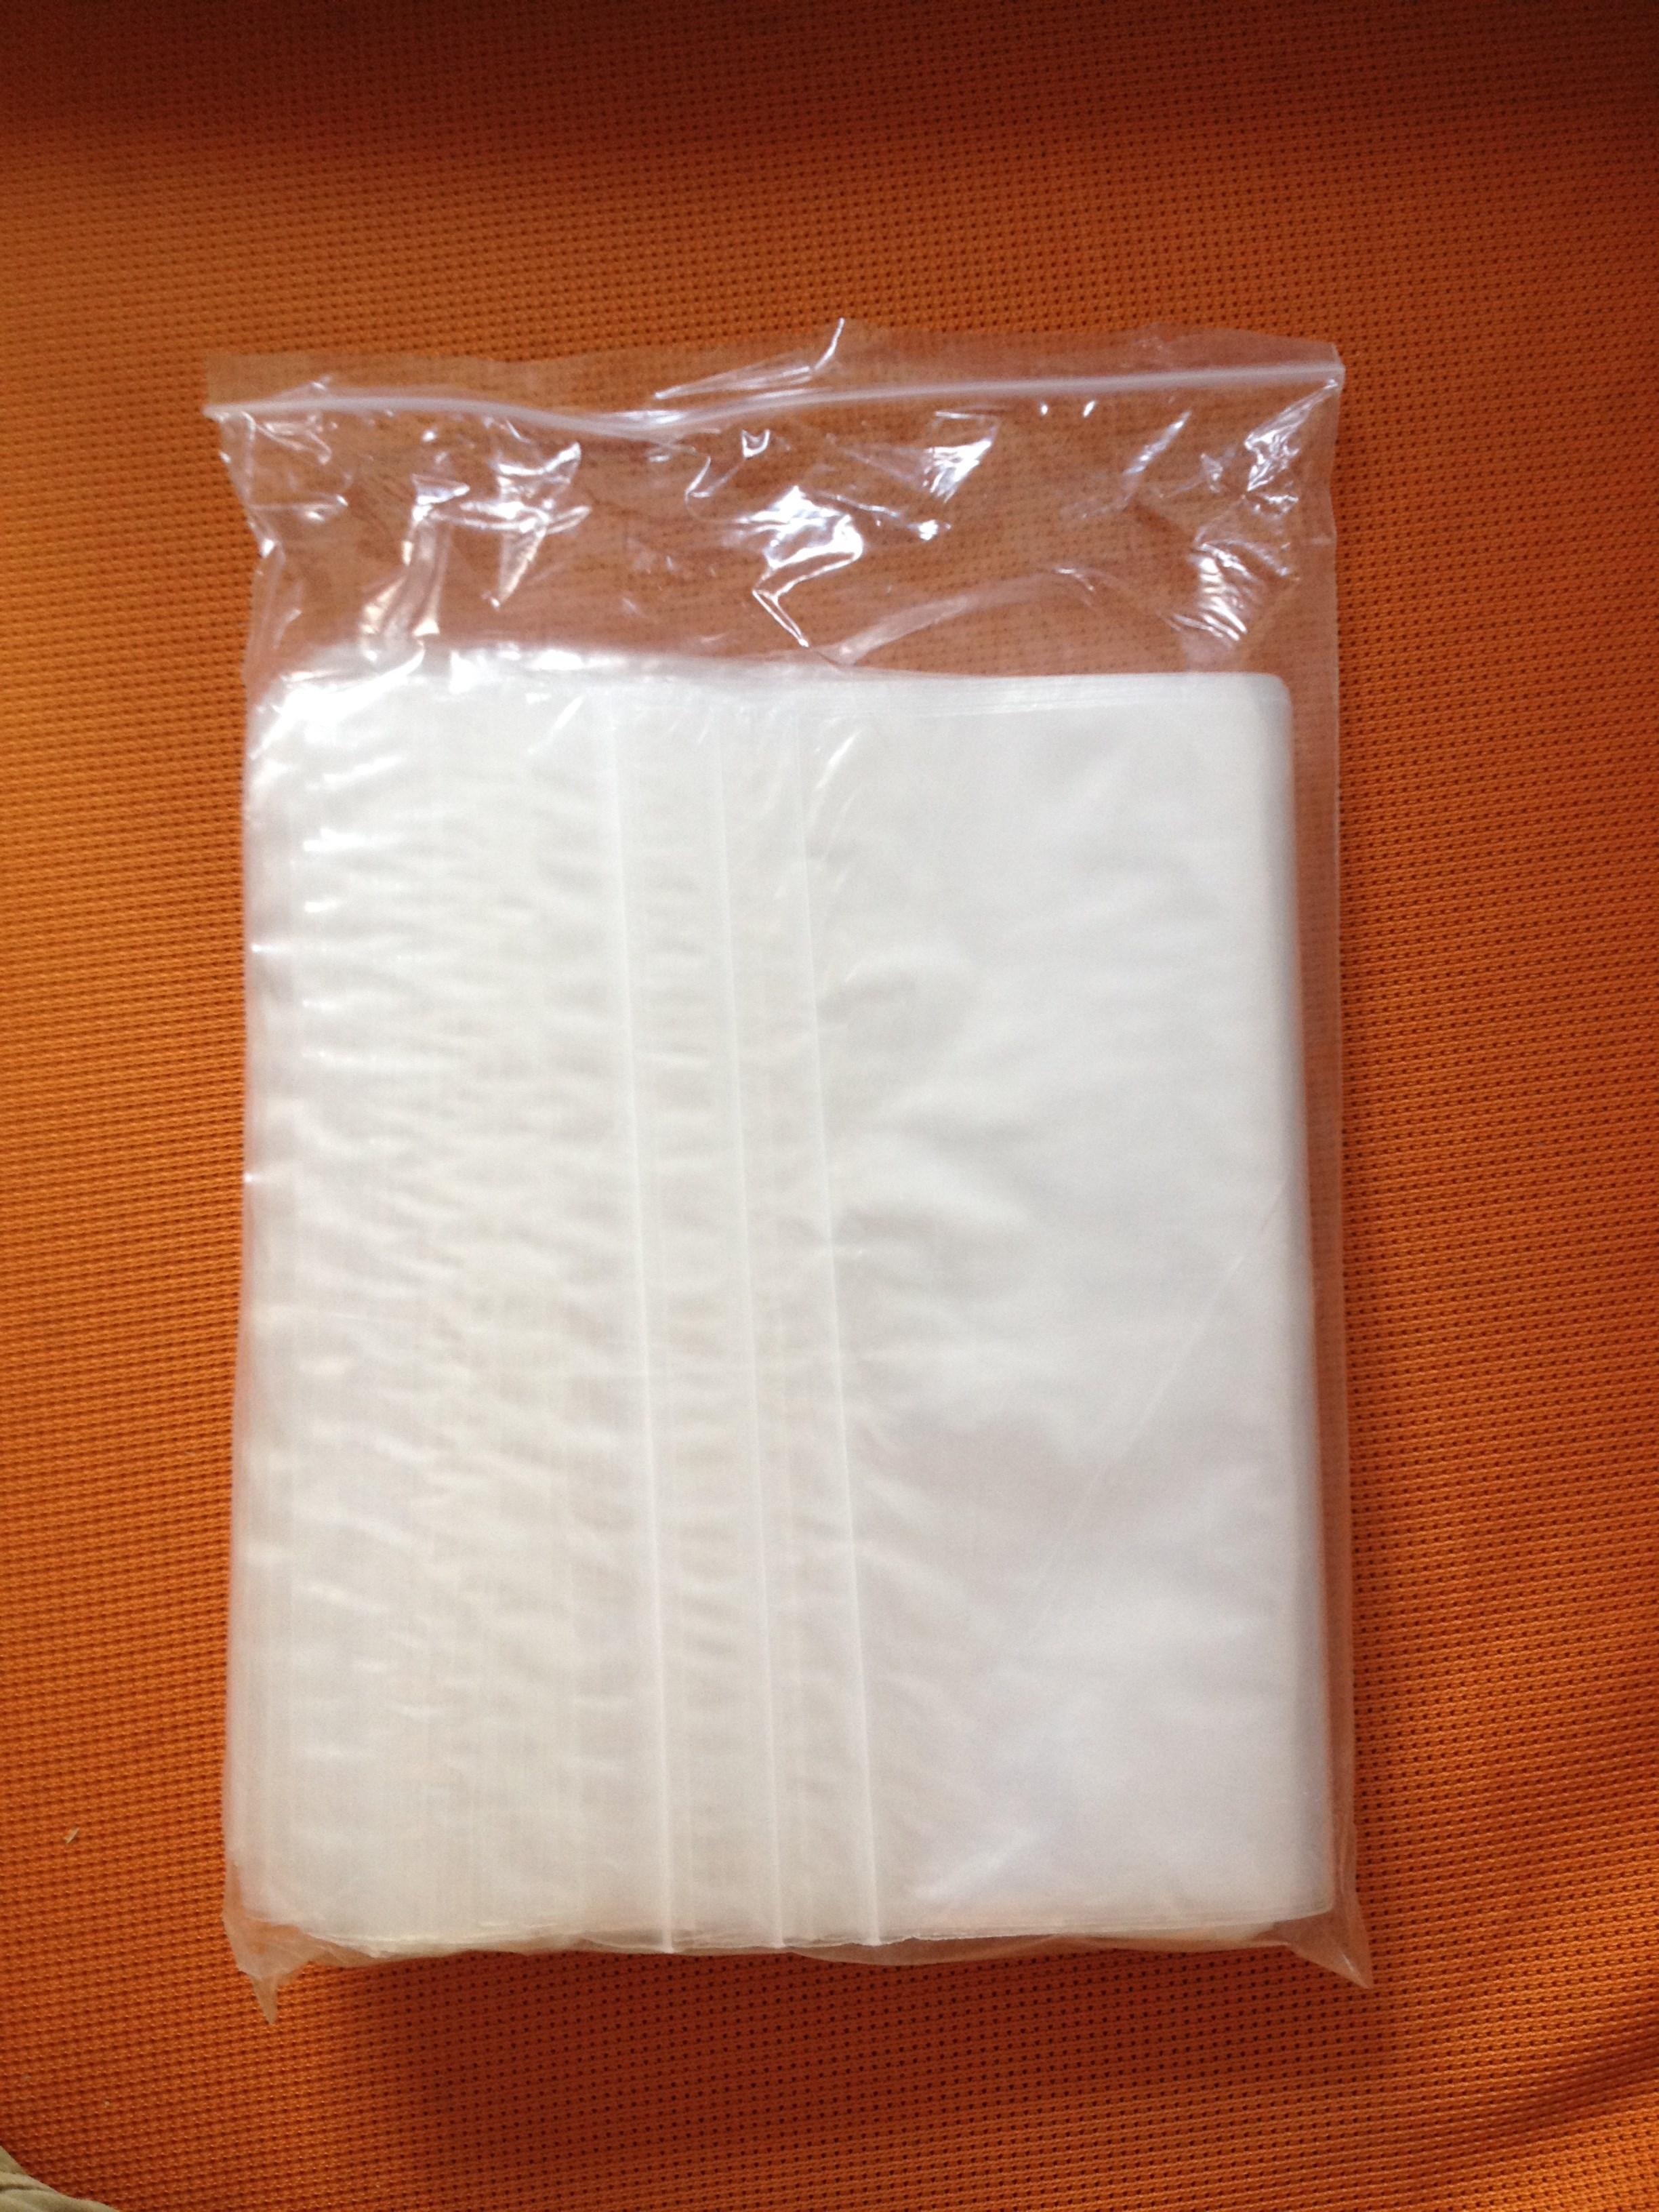 22*32*8 自封袋大号批发澡堂A4纸1斤面粉5斤大米塑料包装袋100个